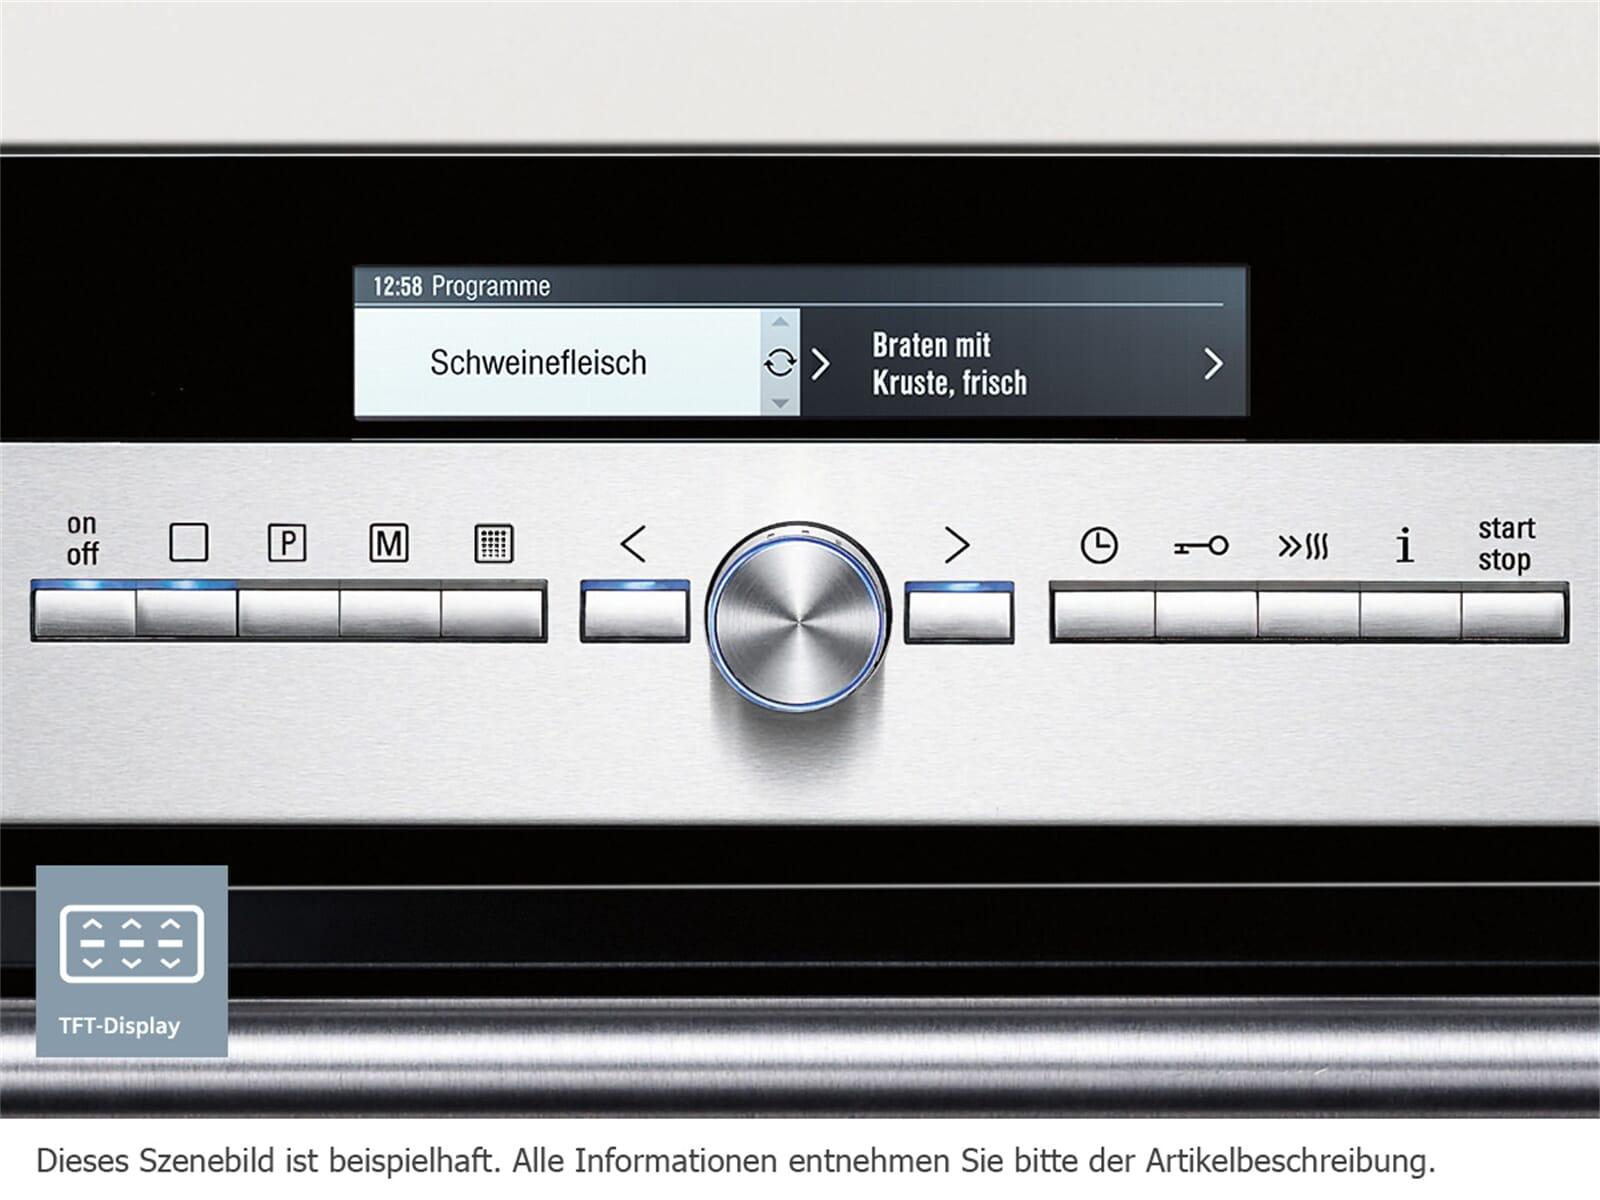 moebelplus  Ihre 1 Wahl für Küchengroßgeräte und Zubehör ~ Backofen Siemens